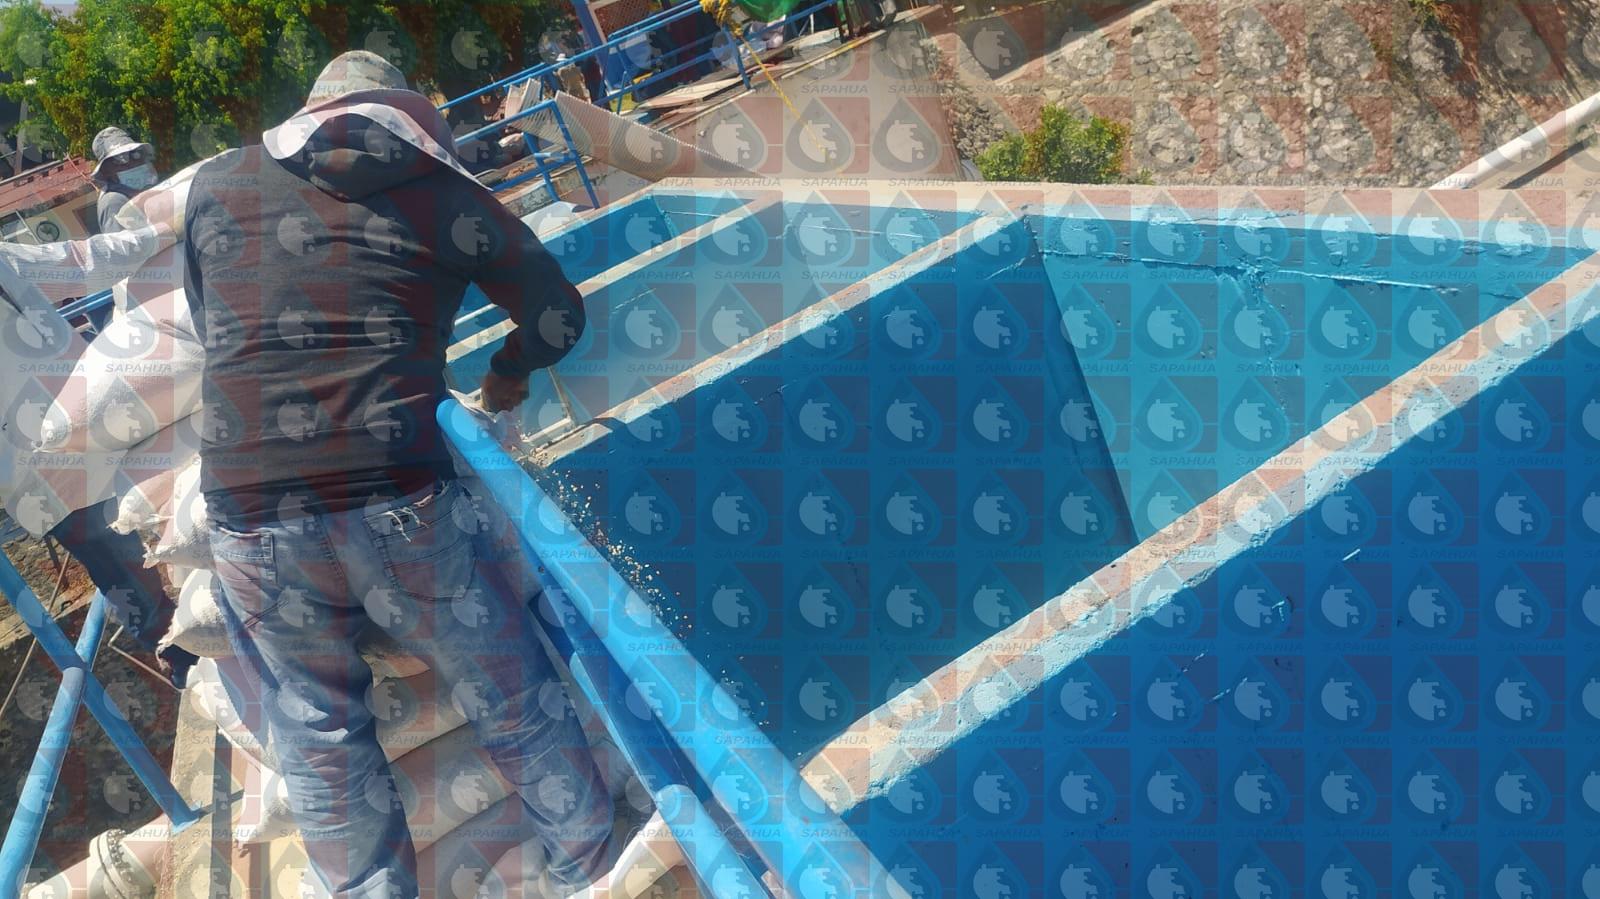 Acomodo del material filtrante: grava y arena sílica